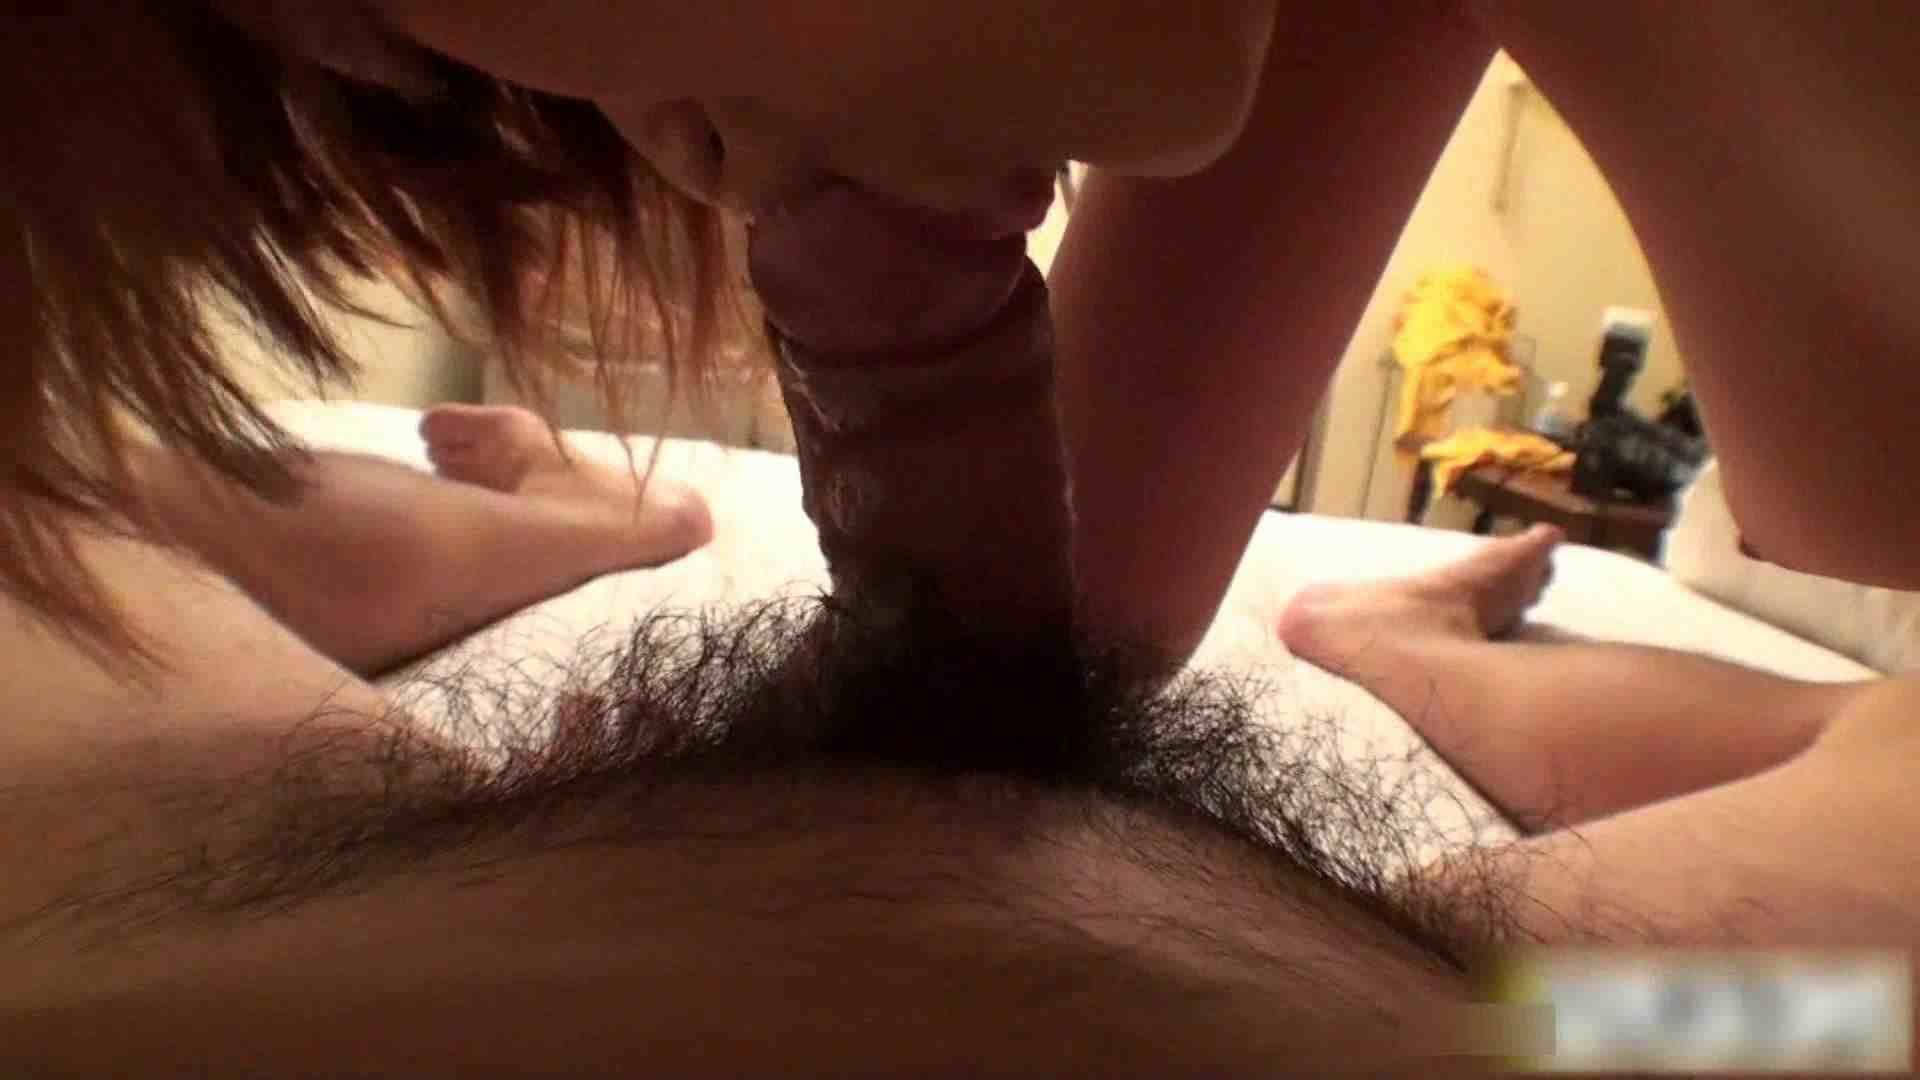 ギャルエロ娘の反乱 Vol.11 美女達のヌード | 美人コレクション  75連発 34